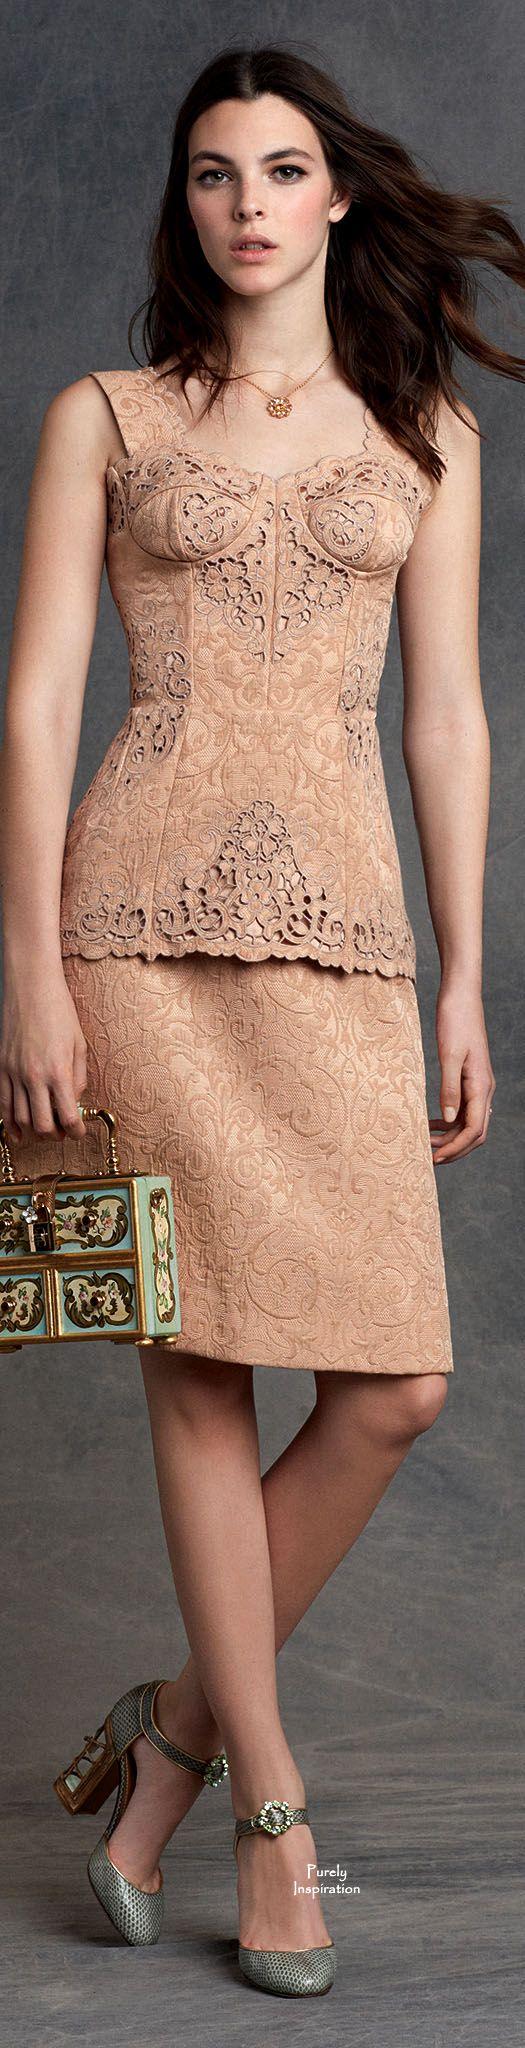 Dolce&Gabbana FW2015 Women's RTW | Purely Inspiration